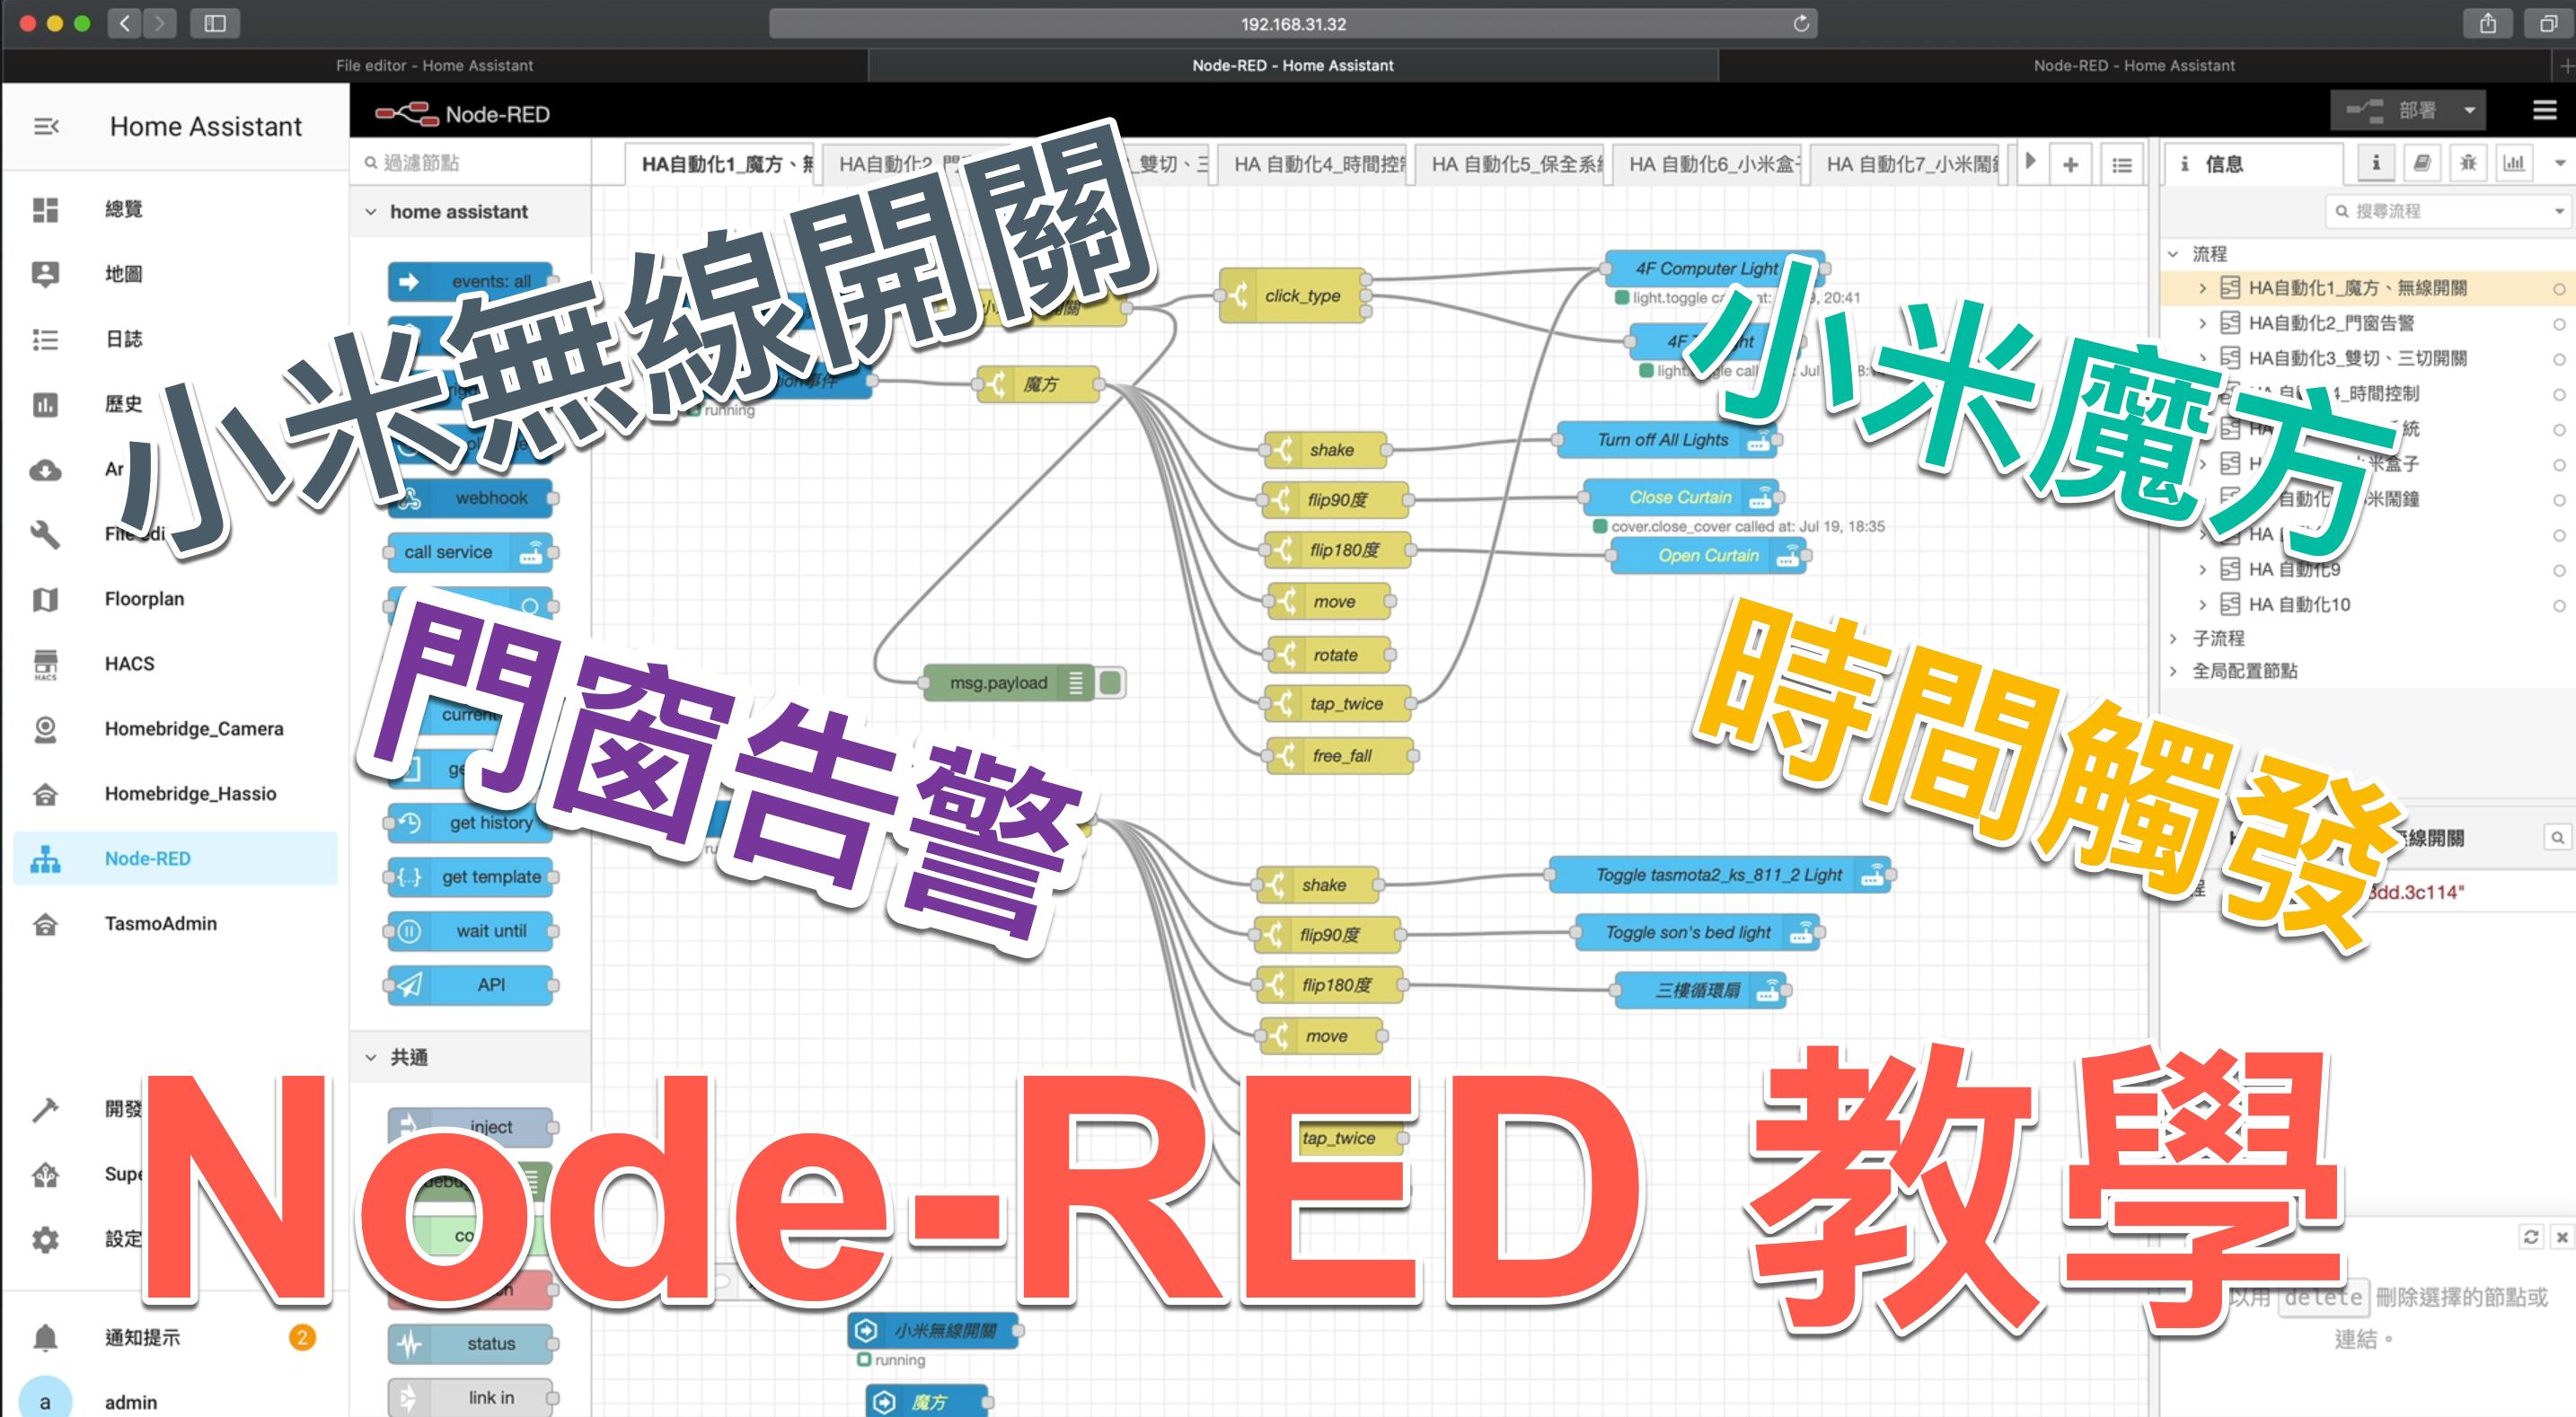 Node-RED教學_雙切、小米無線開關、魔方、門窗告警、時間觸發的簡單應用